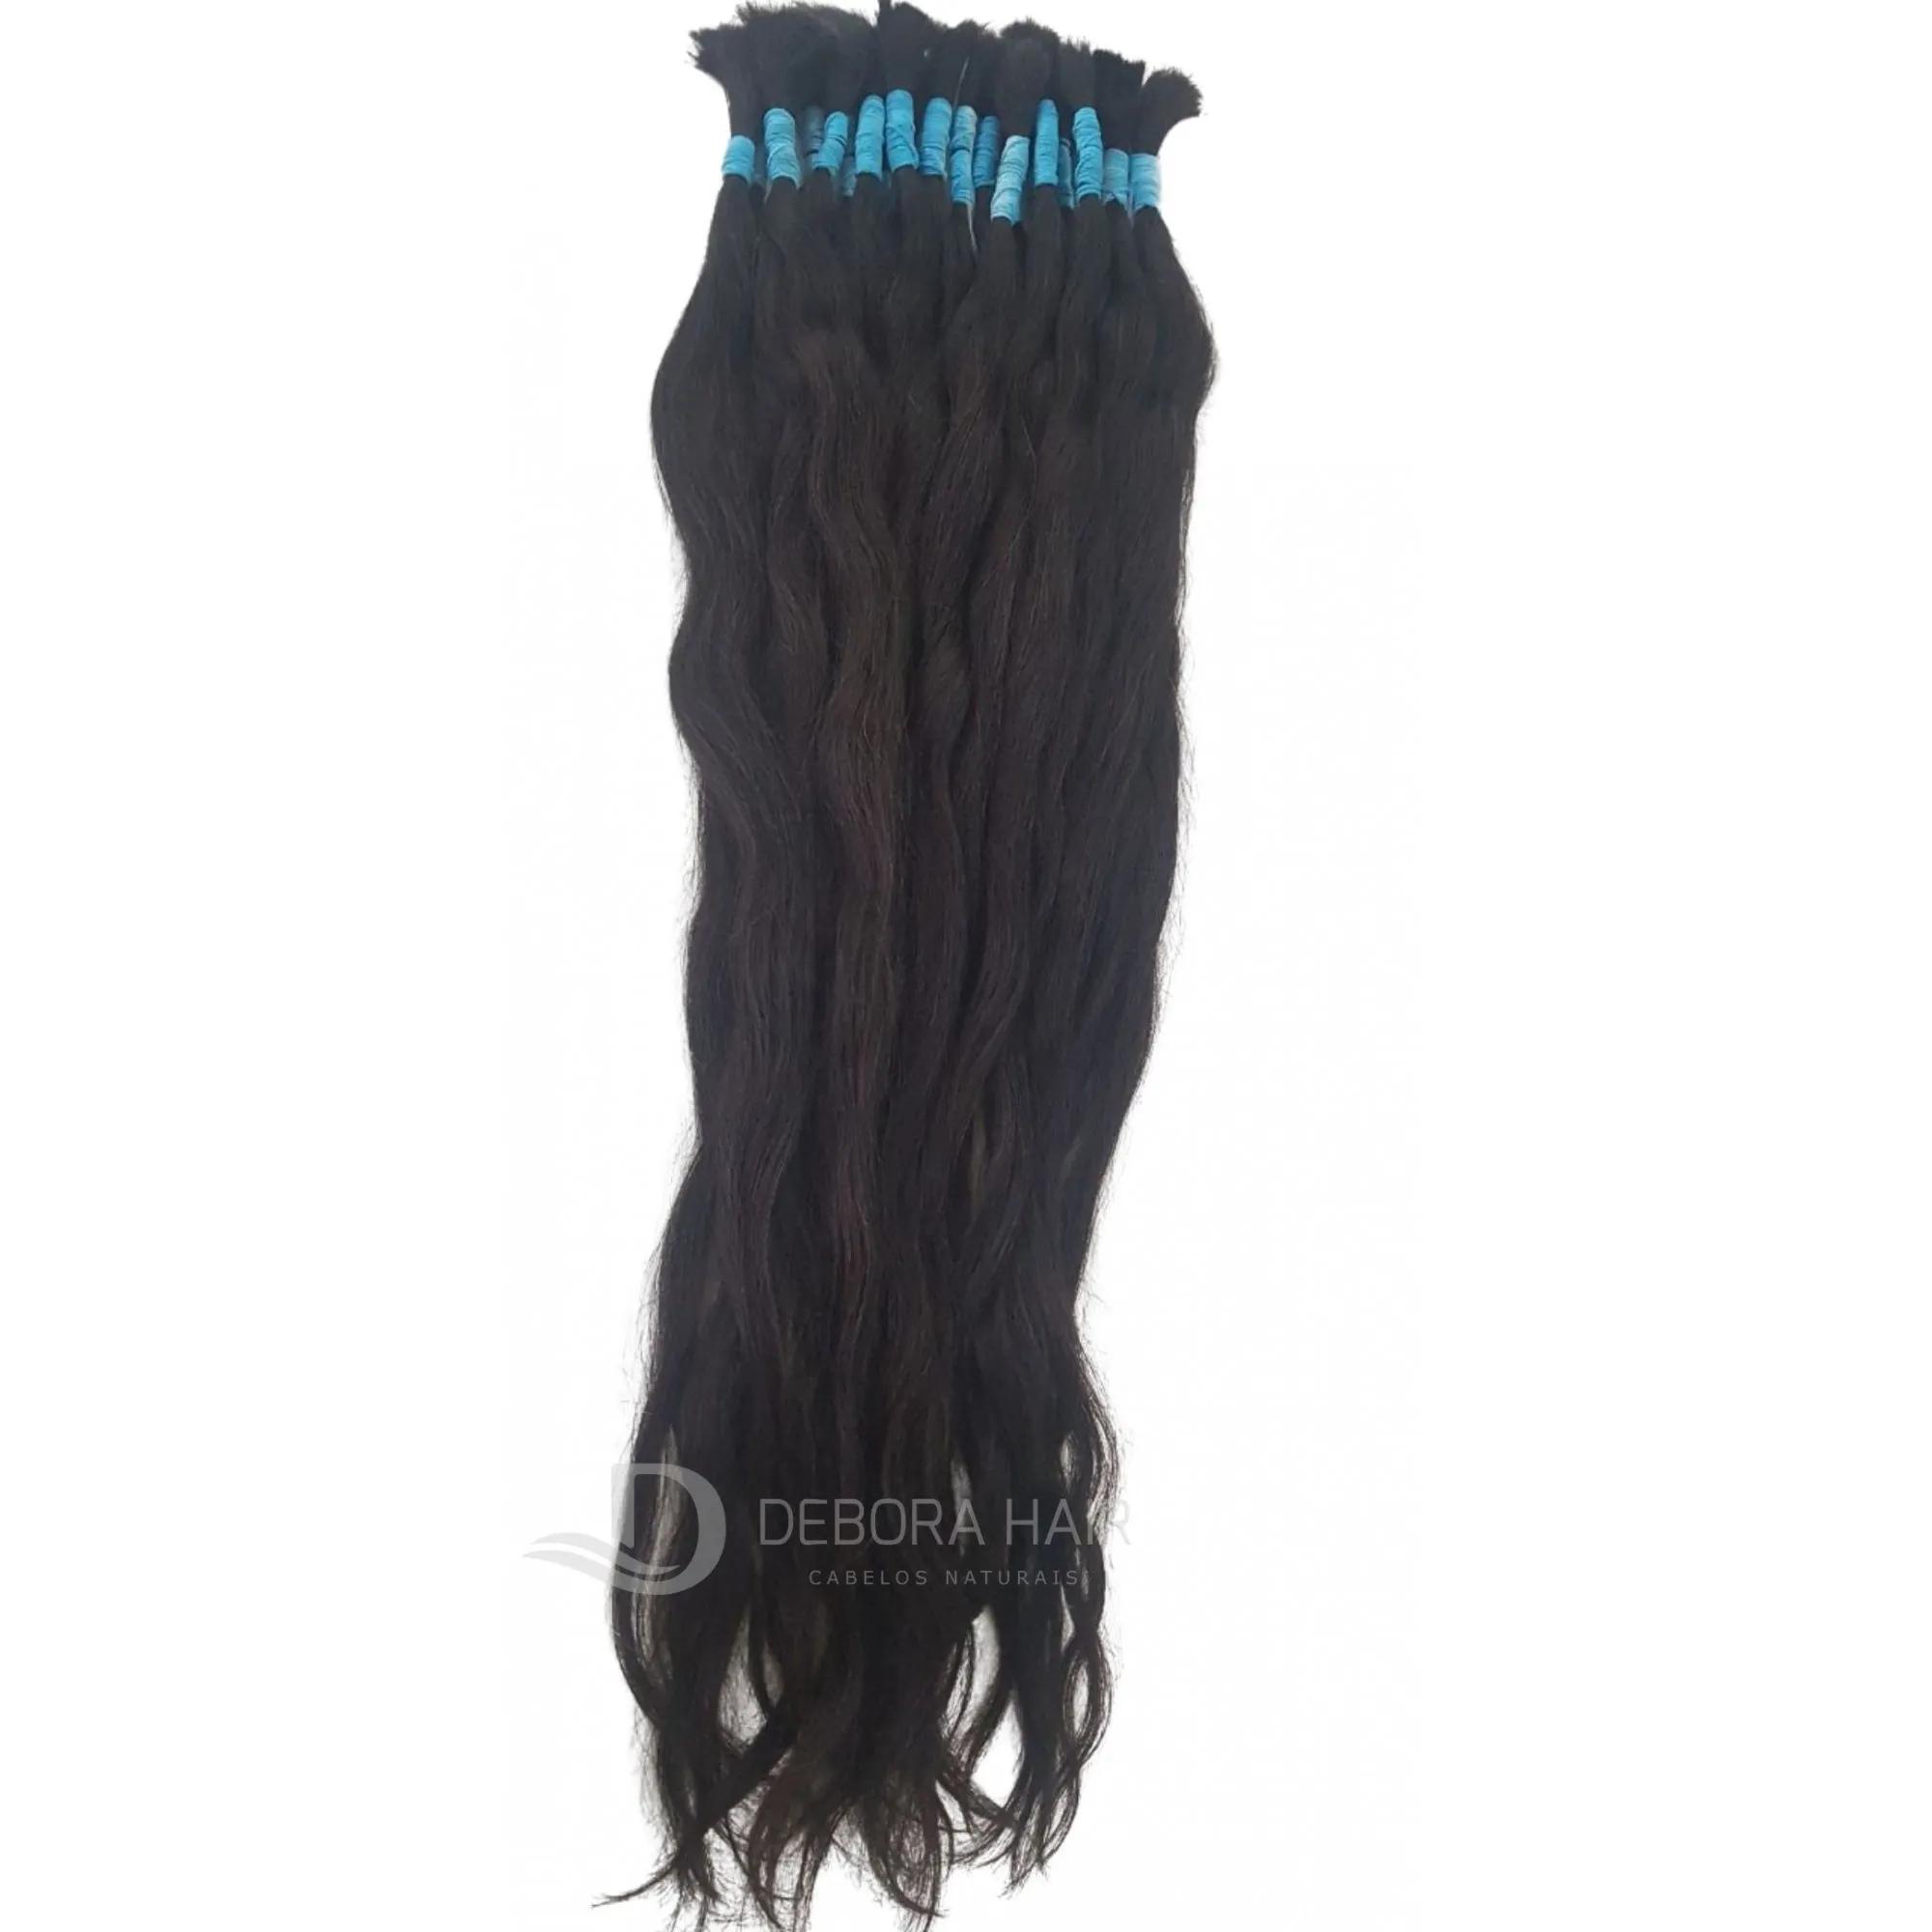 Cabelo Natural Leve Ondulado Castanho de 75 cm  - DEBORA HAIR